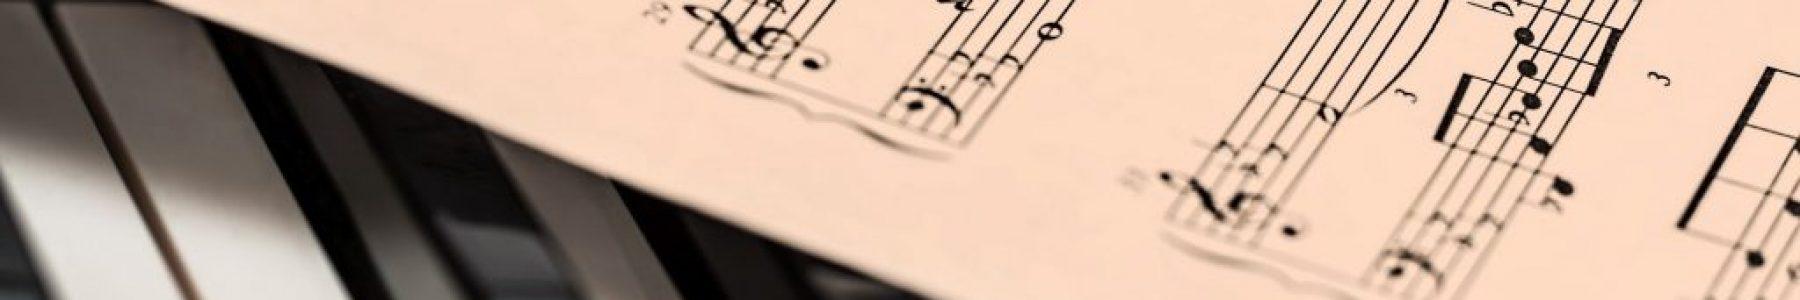 Dolci Accenti: Open Day corsi di Strumento Musicale con Didattica dell'ascolto